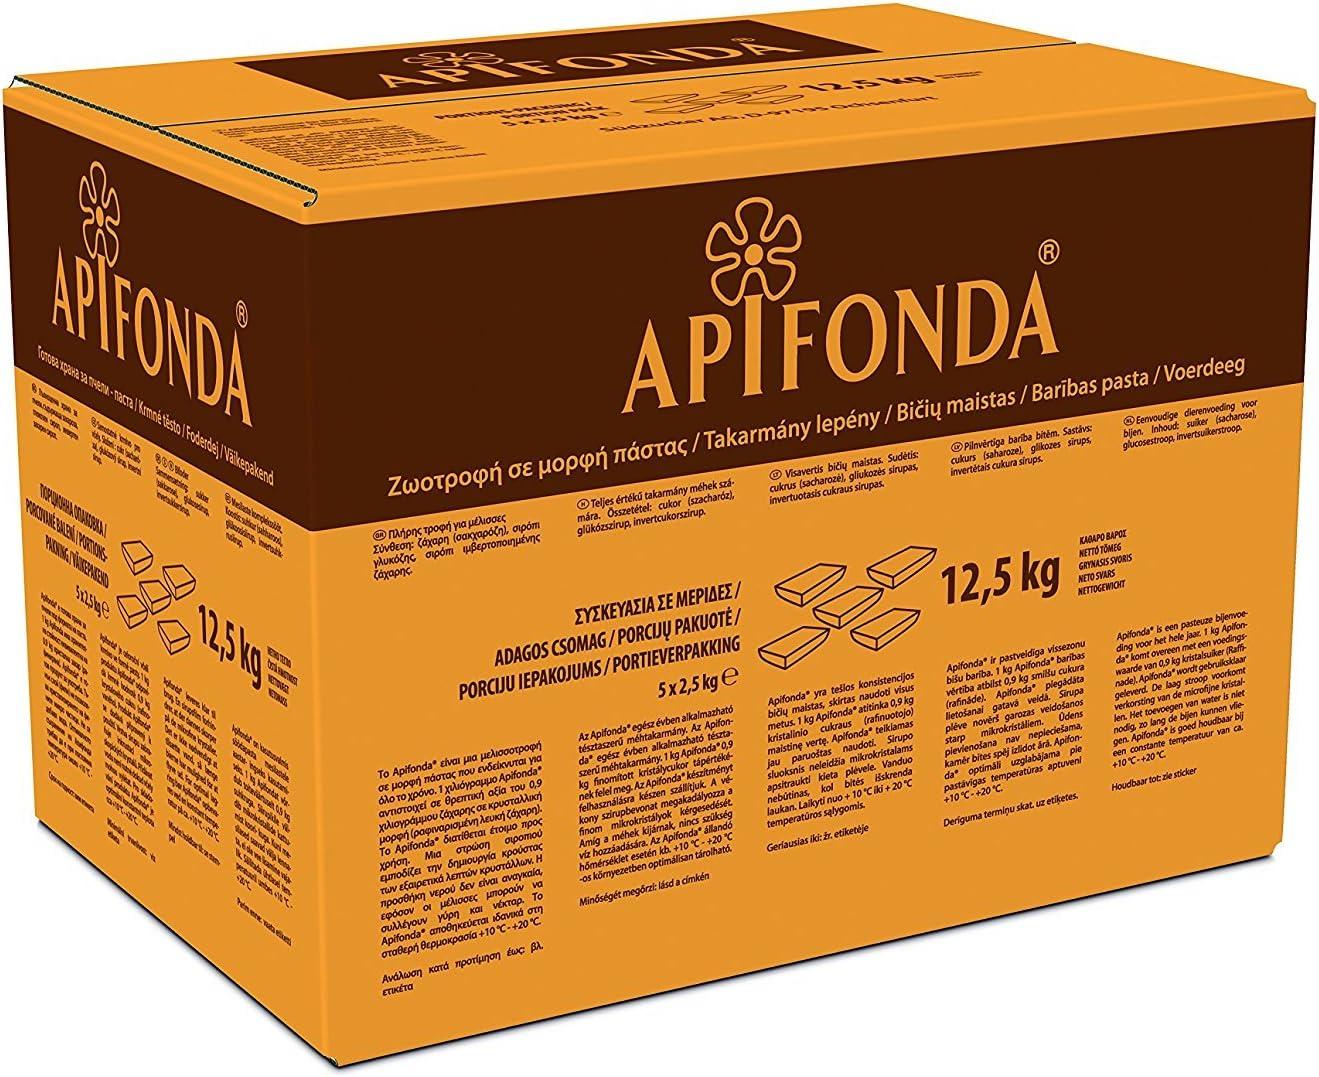 Futtersirup 16 Kg Ambrosia,Bienenfutter,Imkerei,Imker,Bienen,Sirup 1kg//1,81€